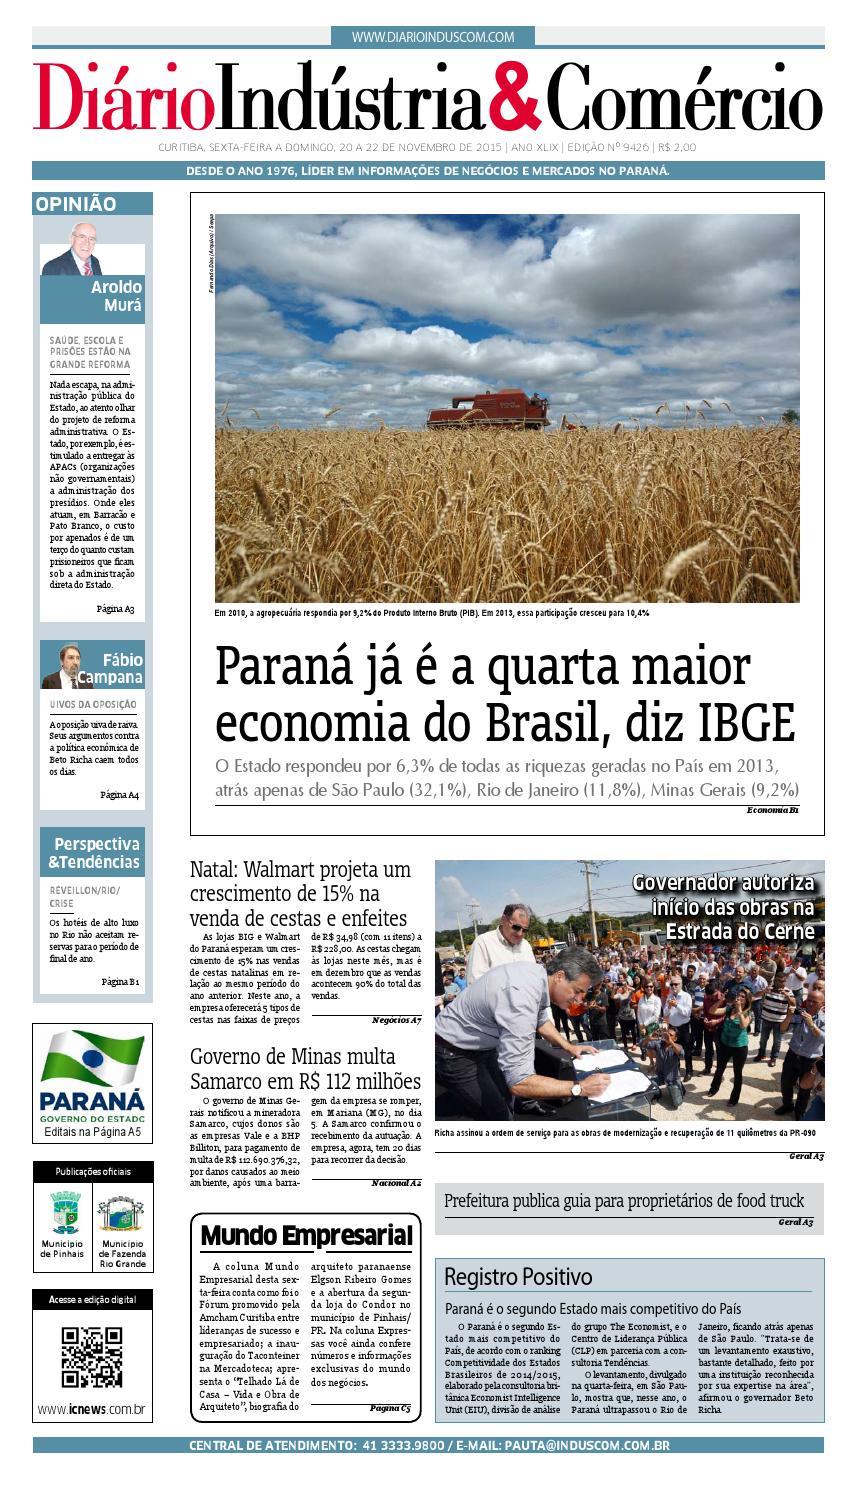 Diário Indústria Comércio - 20 de novembro de 2015 by Diário Indústria    Comércio - issuu 981bf8edf5